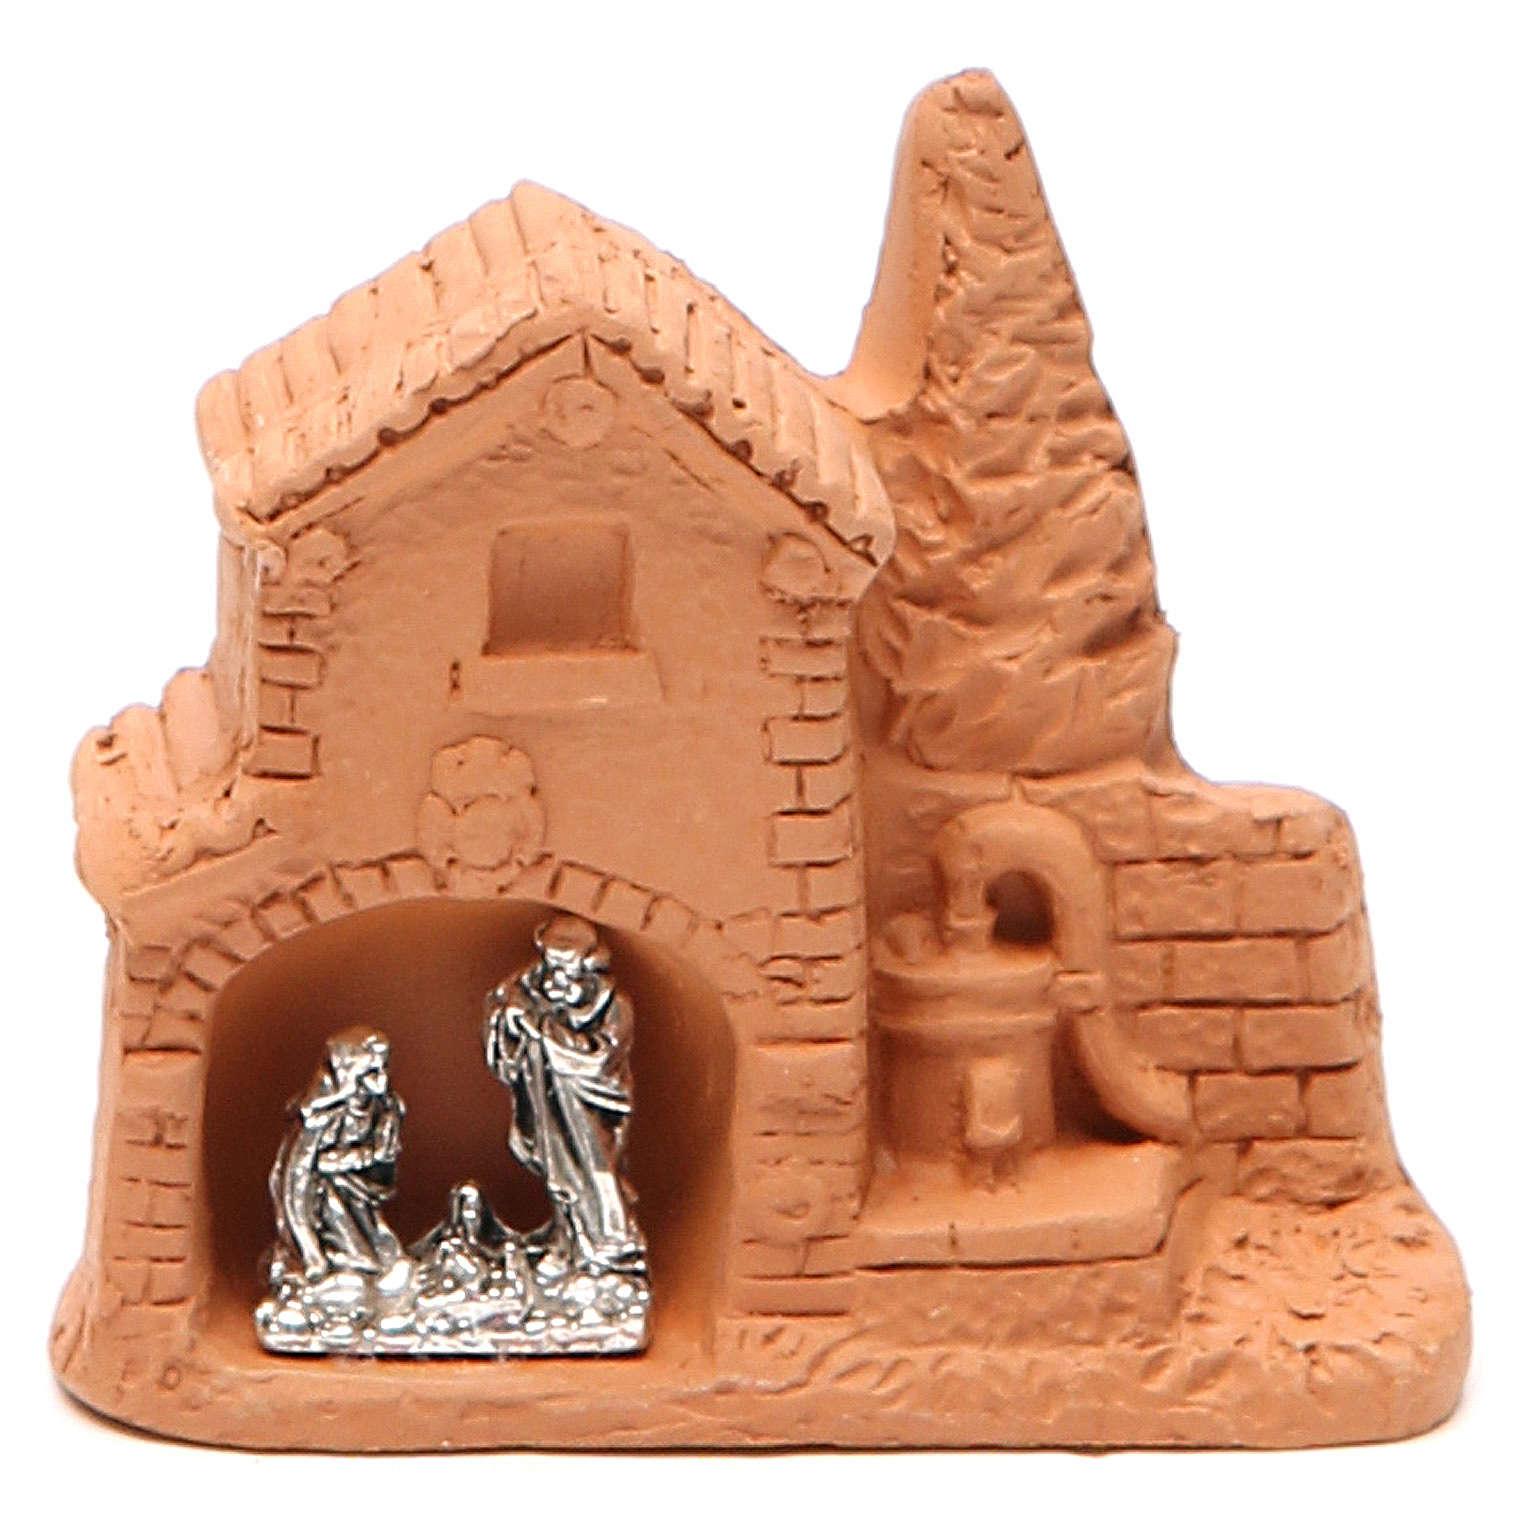 Chata ze Świętą Rodziną terakota naturalna 6x7x3 cm 4